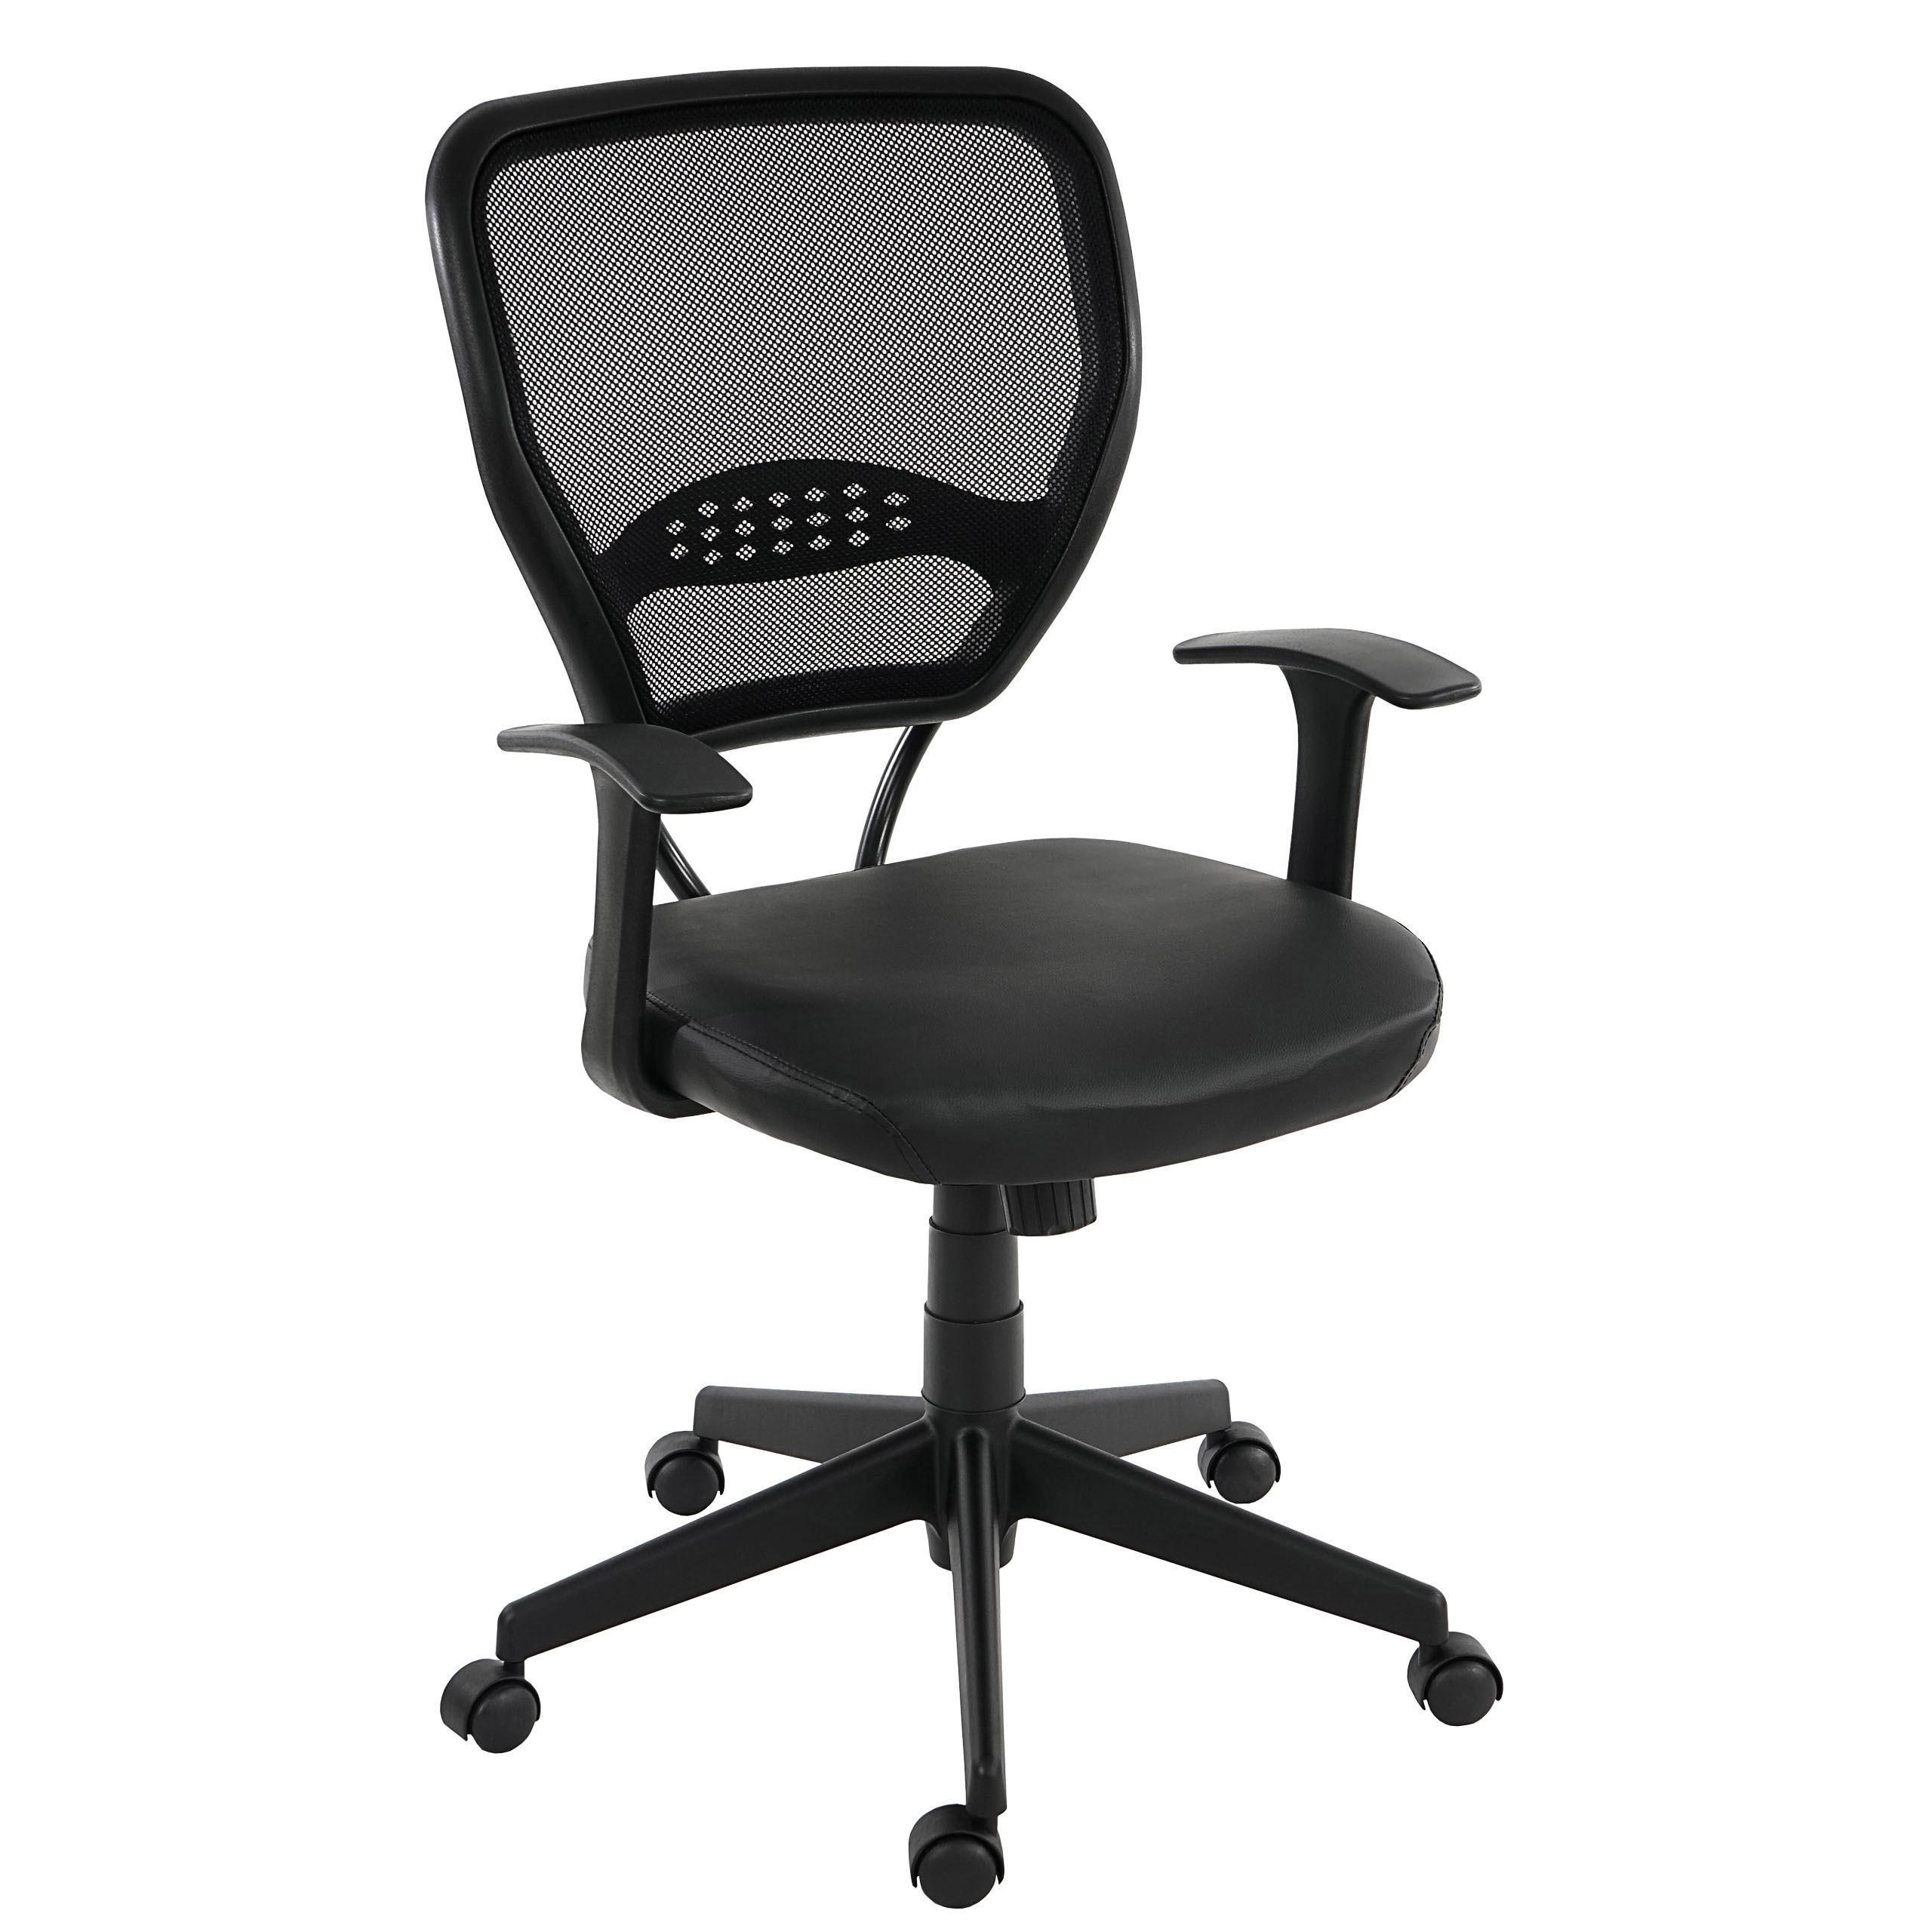 Silla para oficina - OFIyDIS Muebles para oficina